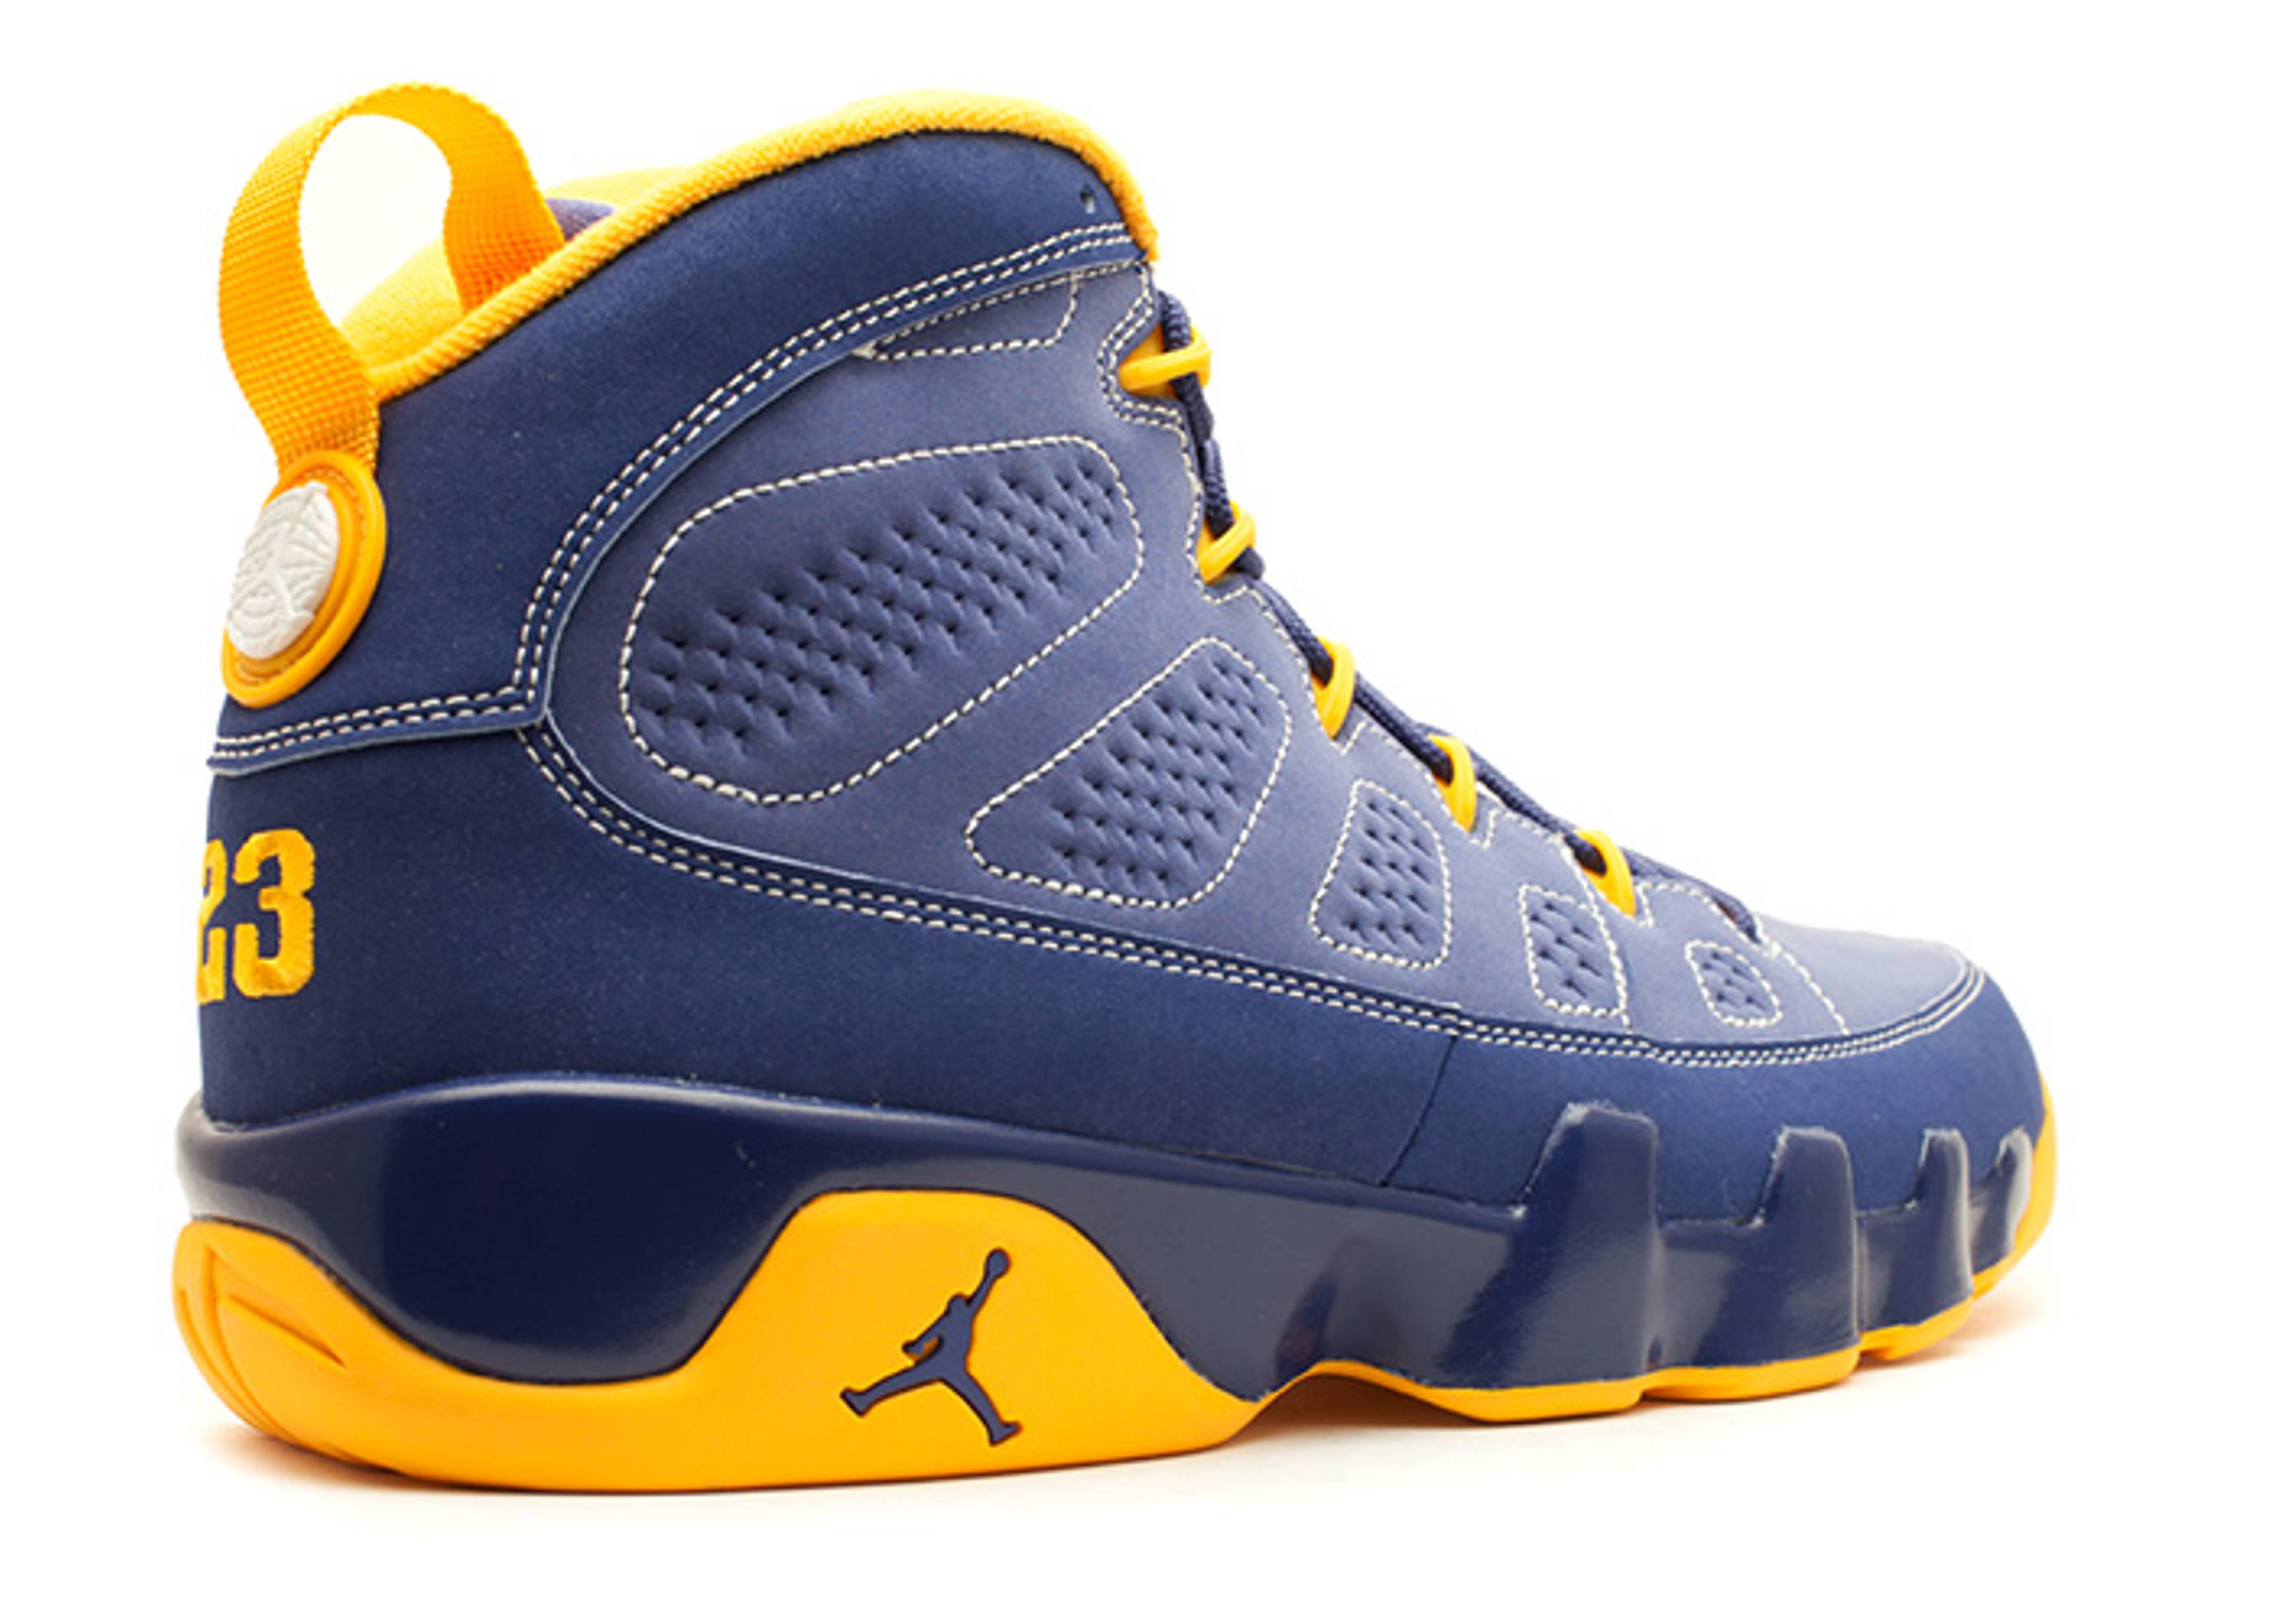 sports shoes 195b4 16e8d ... air jordan retro 9 black royal blue ...